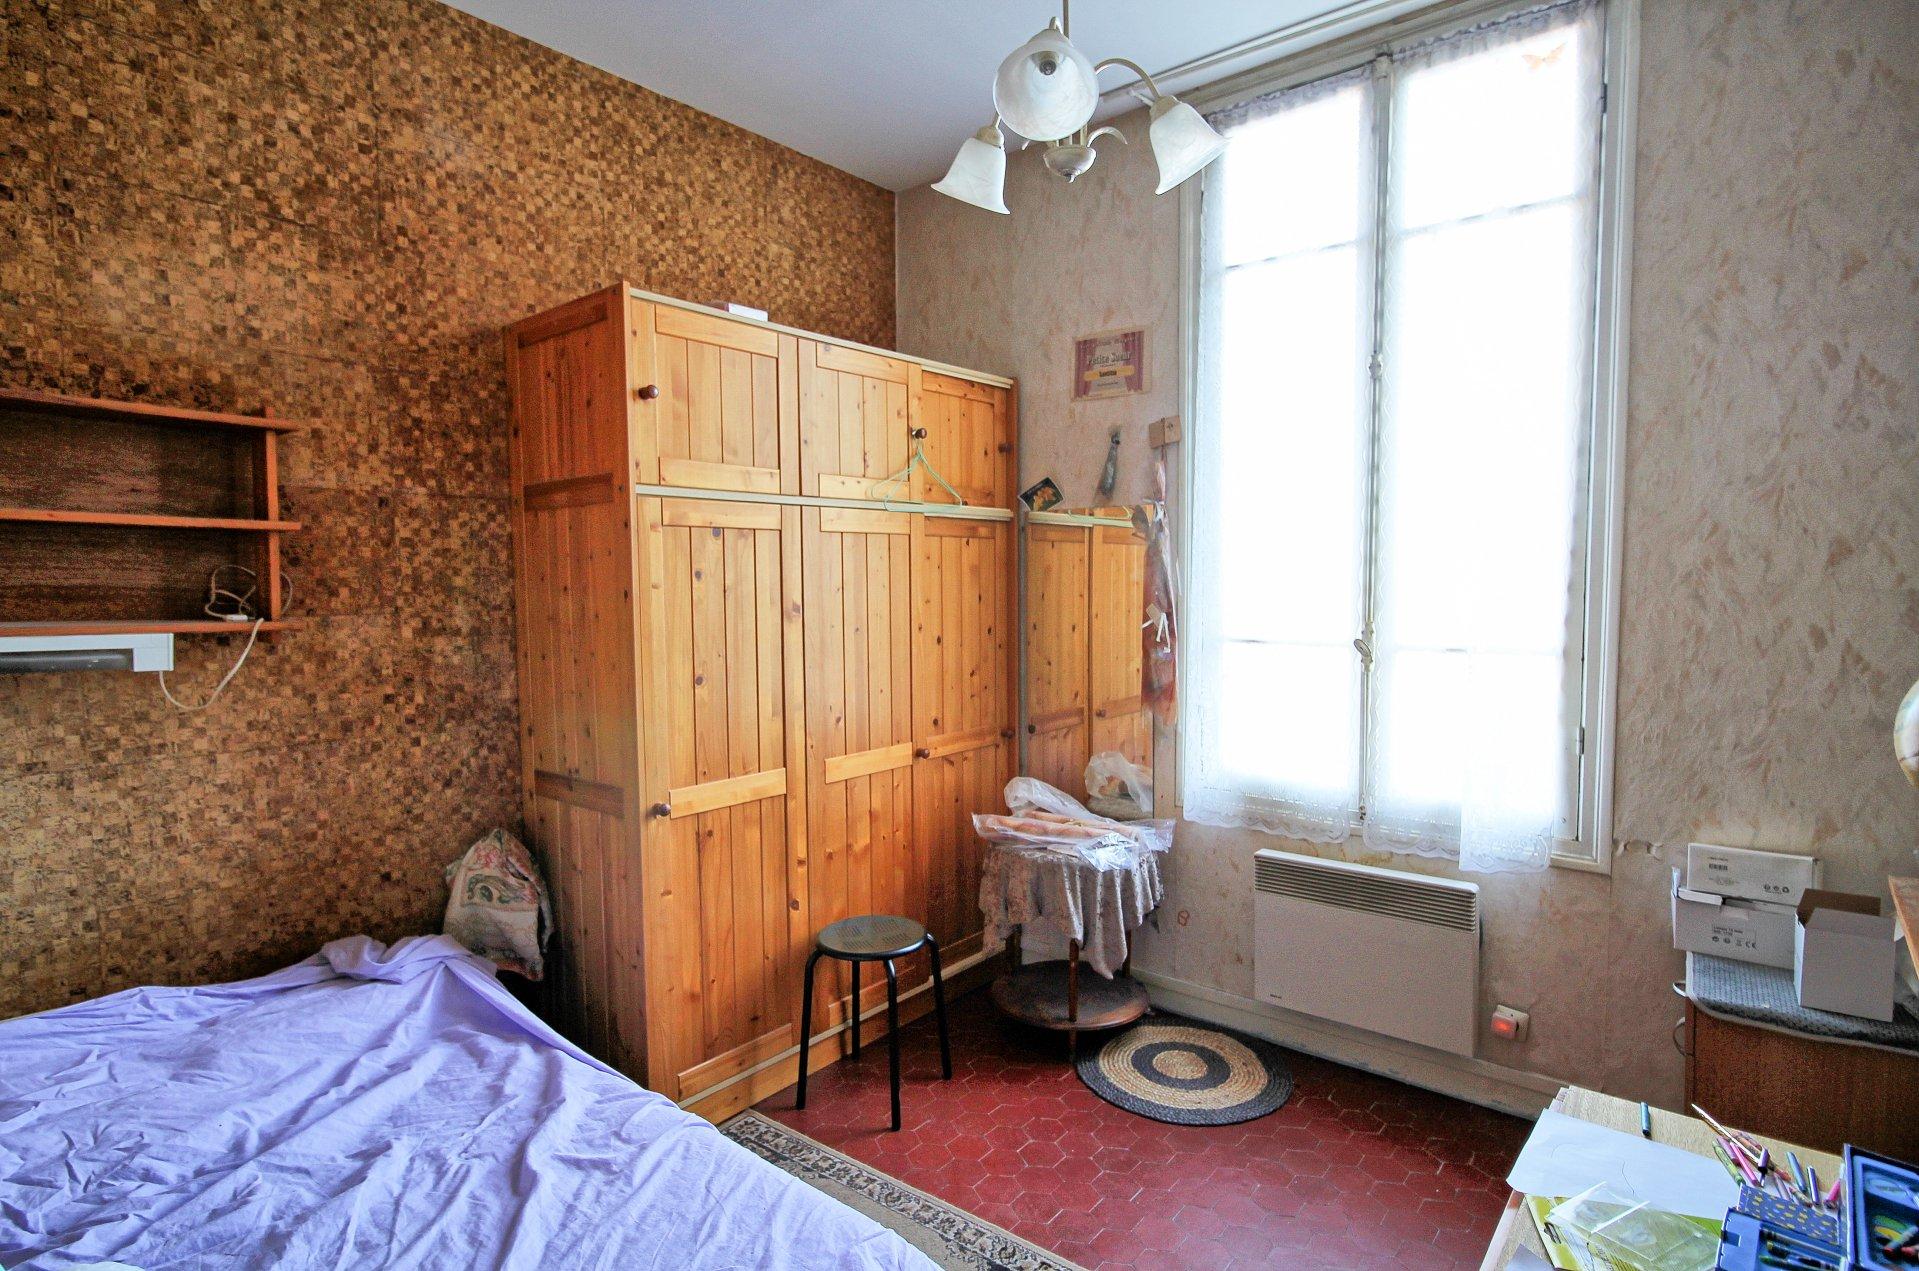 Maison, 4 pièces, jardin, maison niçoise, à vendre, Nice, Cernuschi, ancien